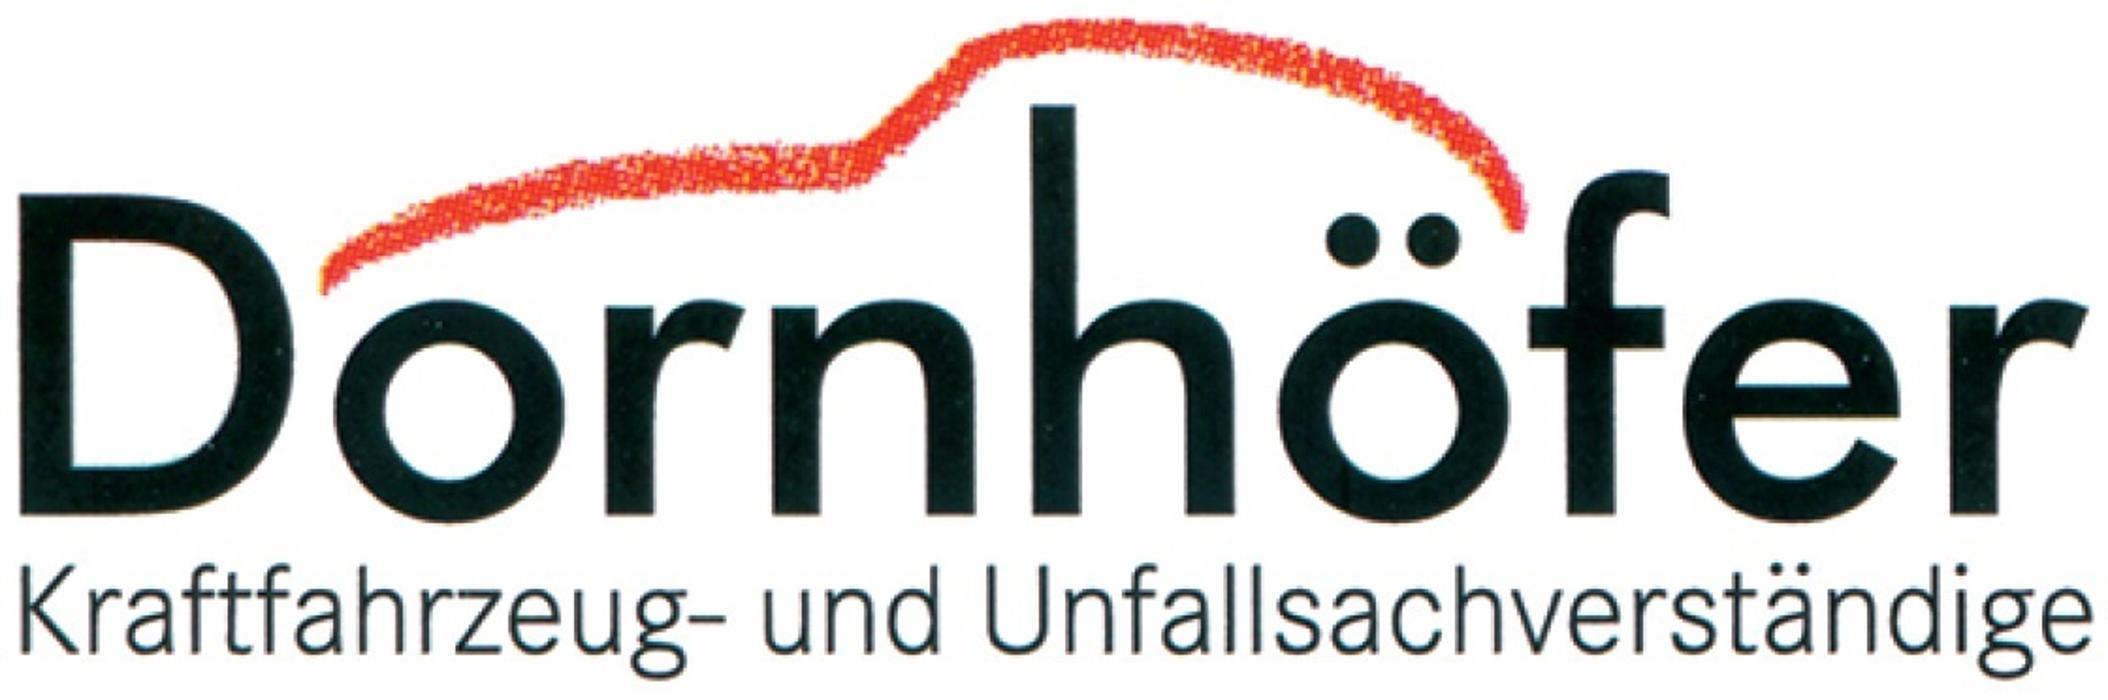 Bild zu Andreas Dornhöfer Dipl.-Ing. (FH). Ingenieurbüro in Mainz